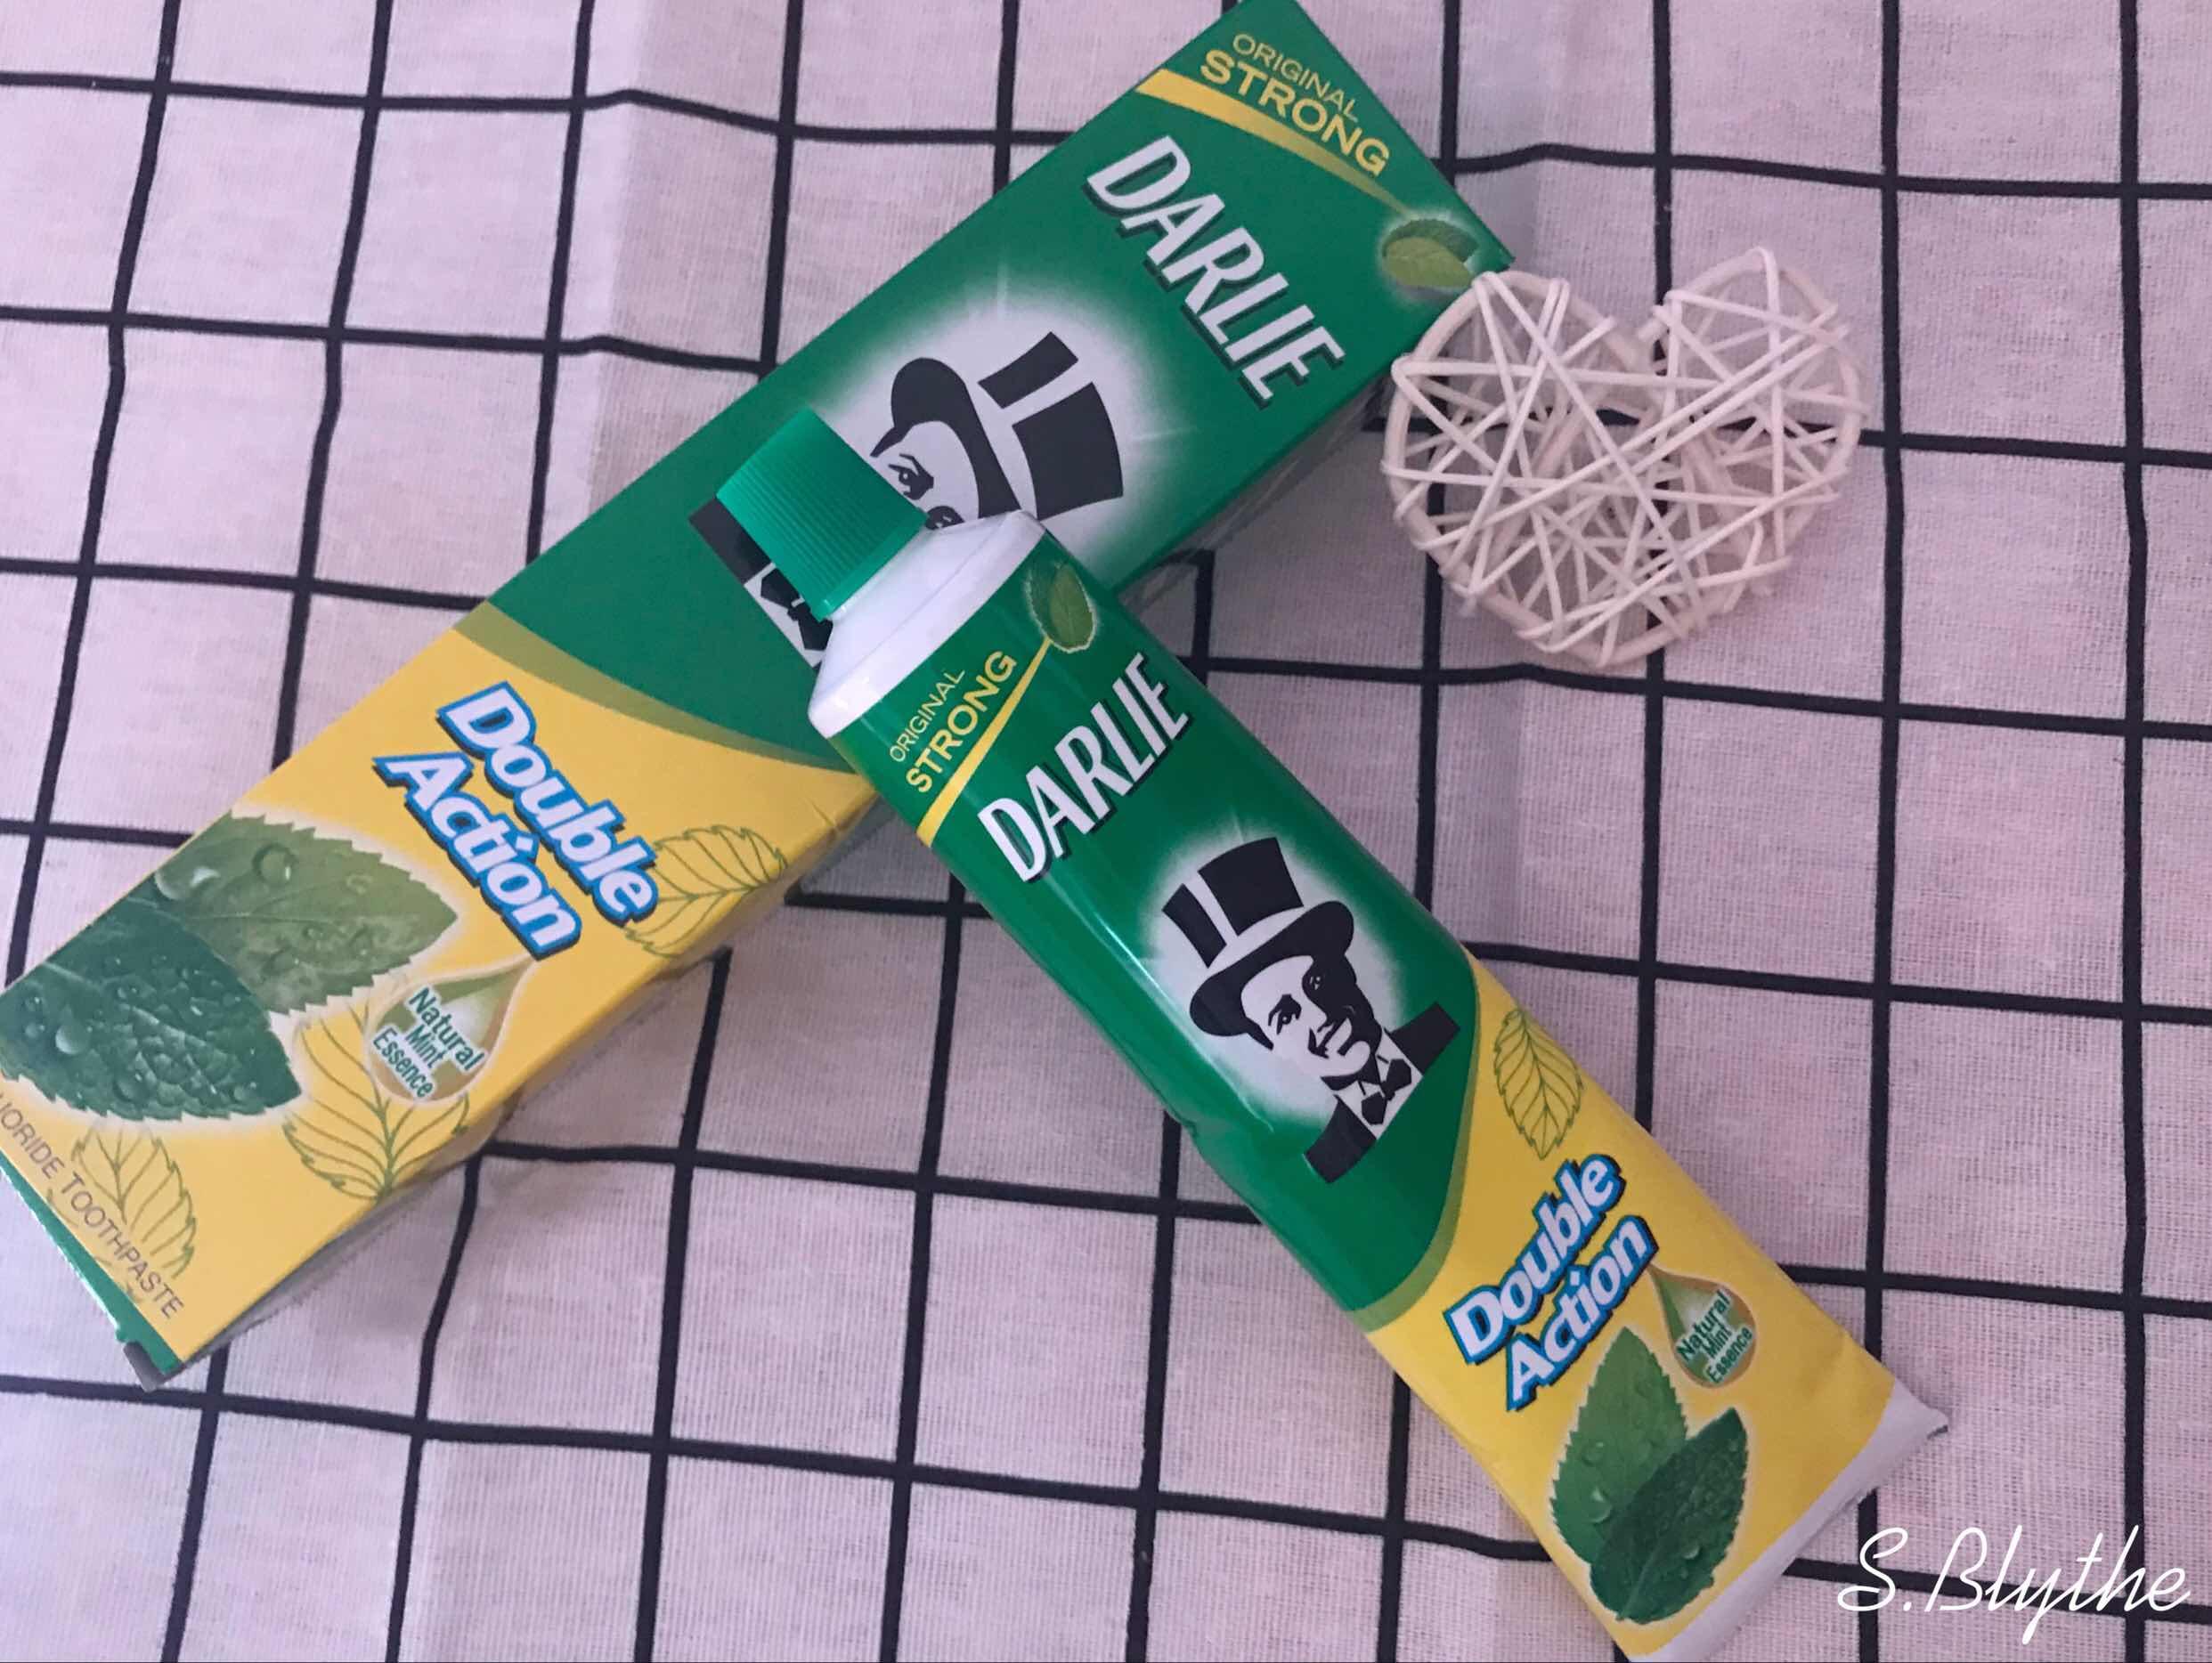 [玩遊戲贏獎品] 黑人牙膏,笑多一點,煥發身心